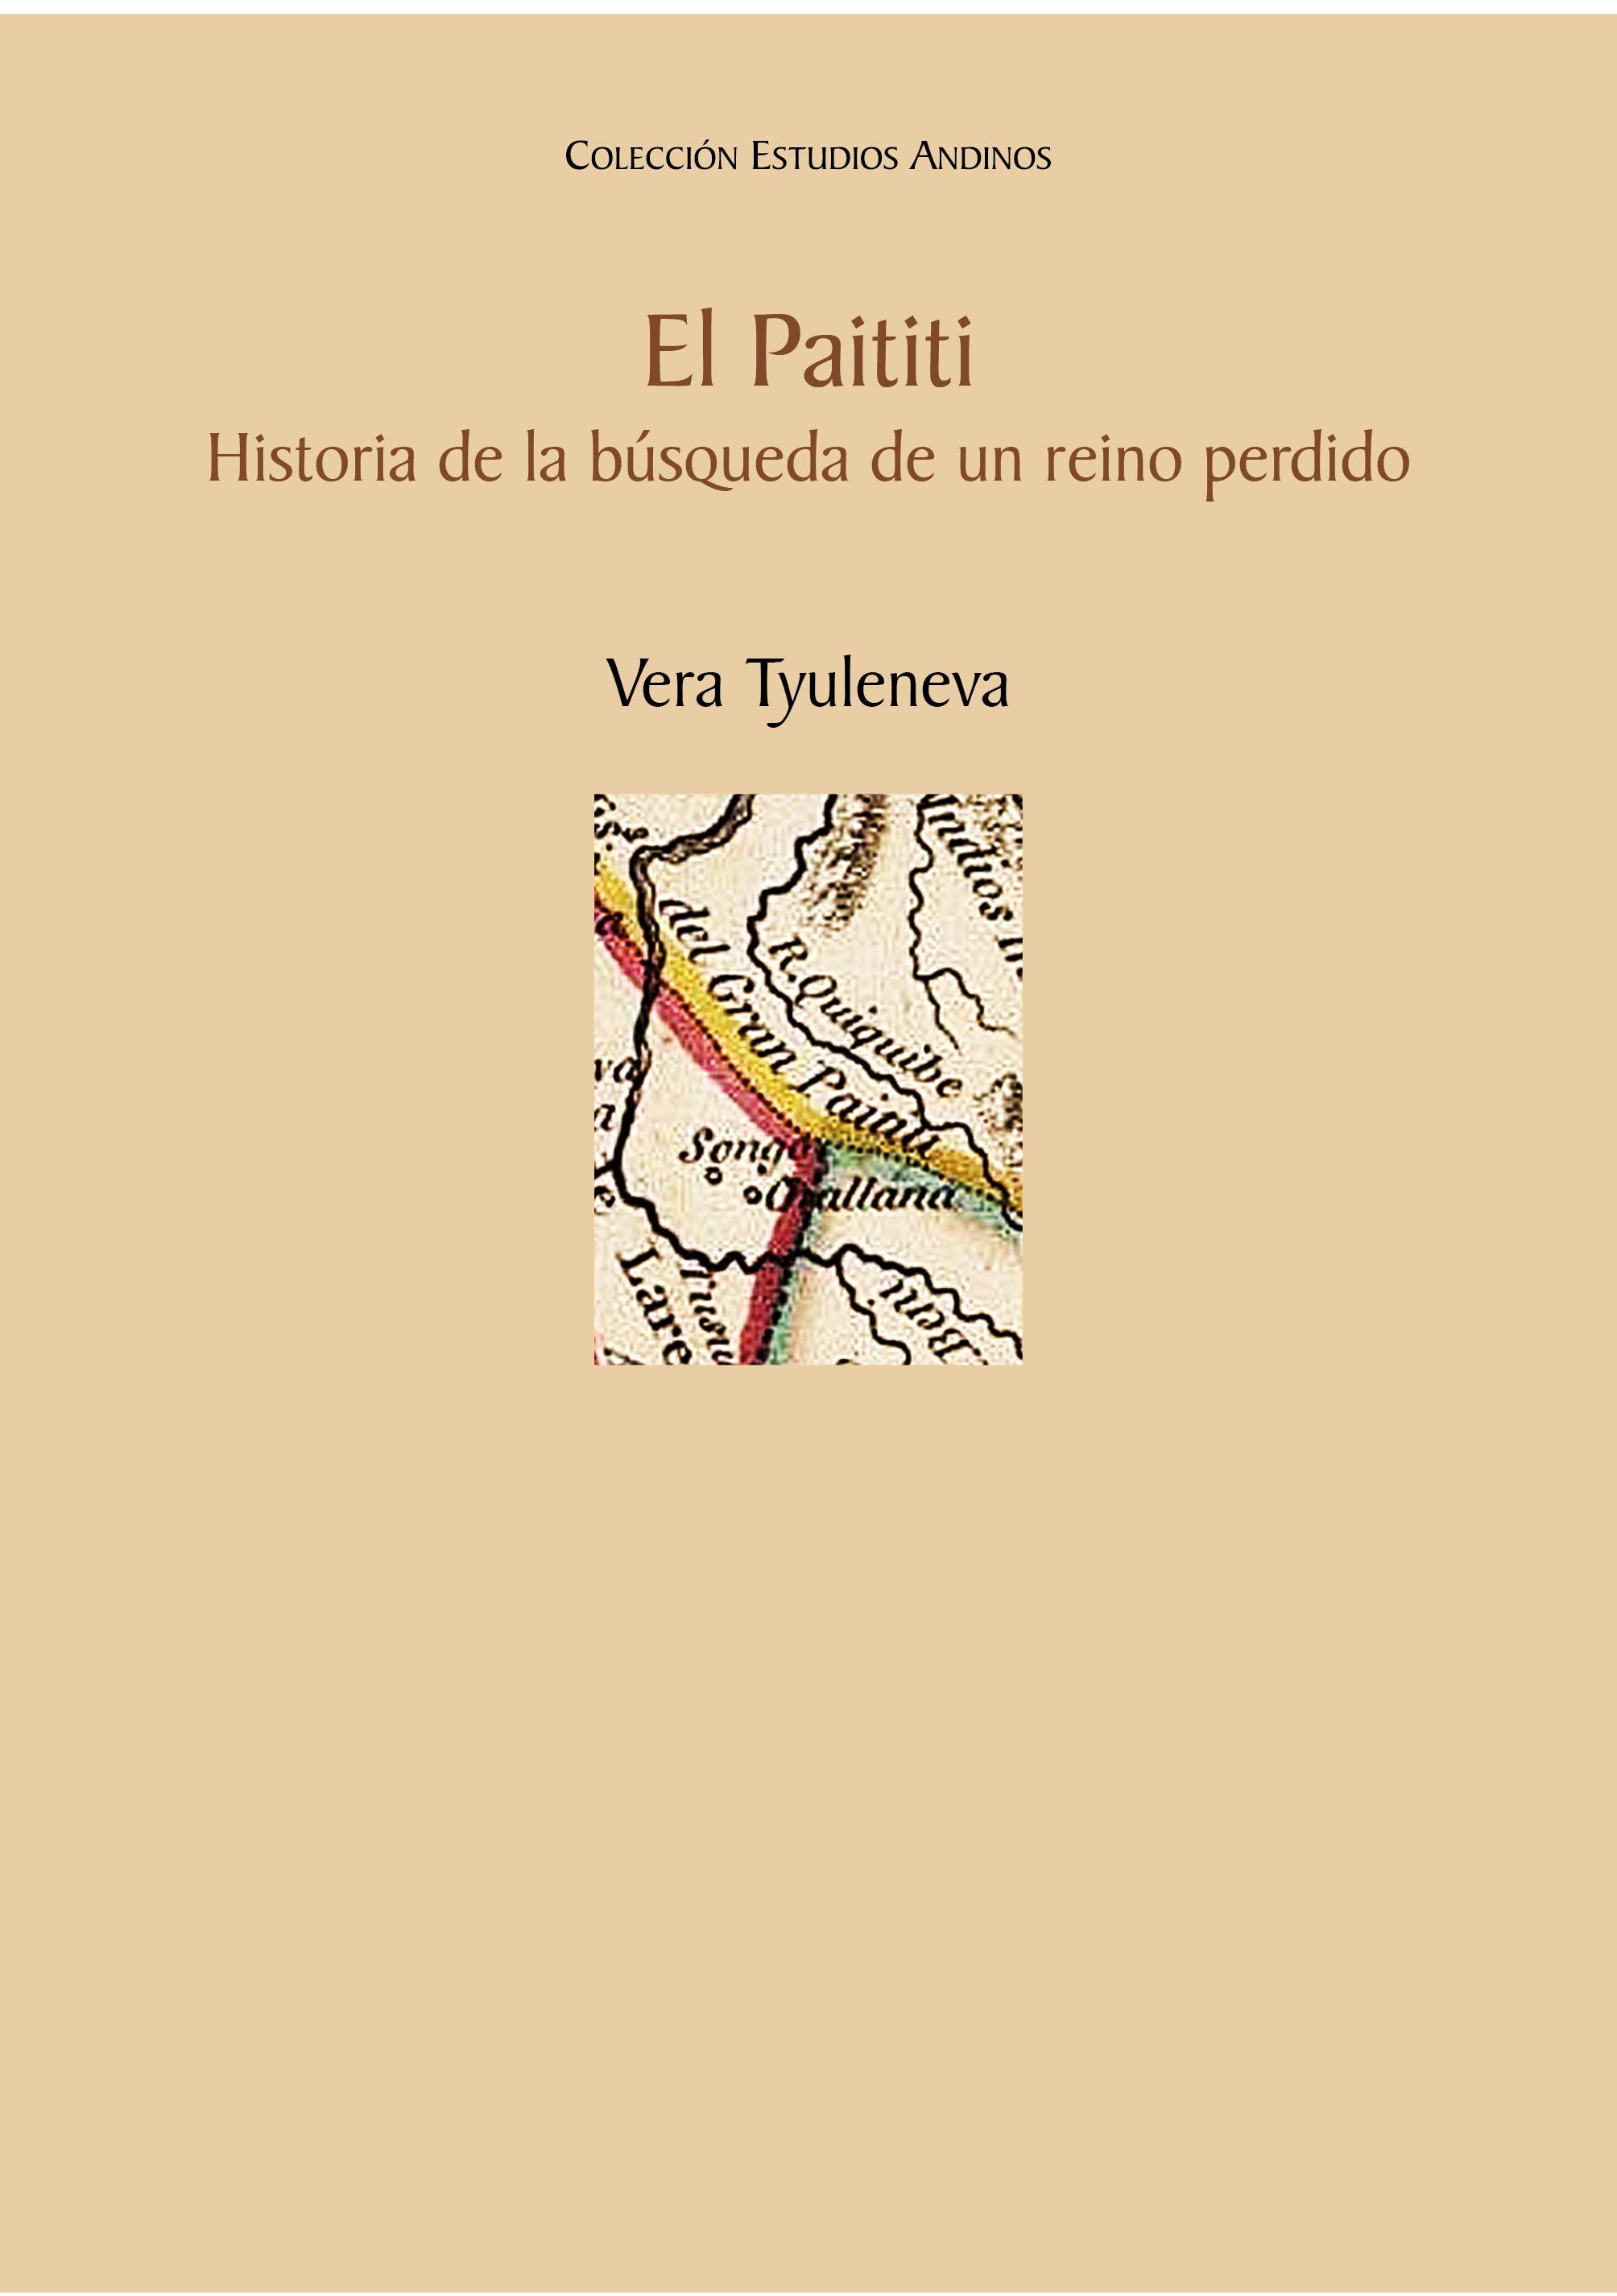 El Paititi